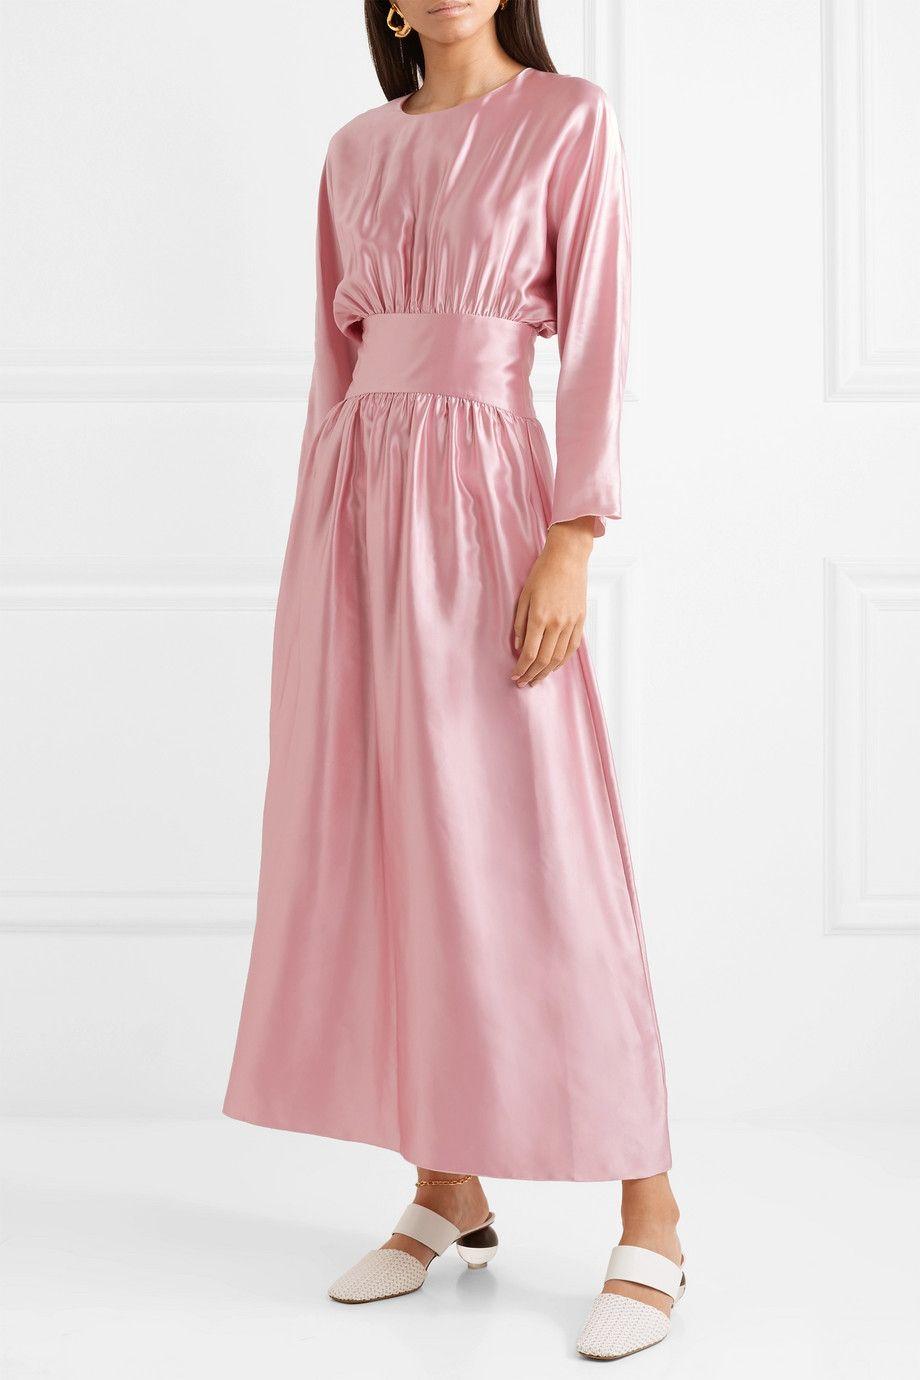 Hermine Silk-satin Midi Dress - Pastel pink Deitas Shop Offer Sale Online Dwj2RndT